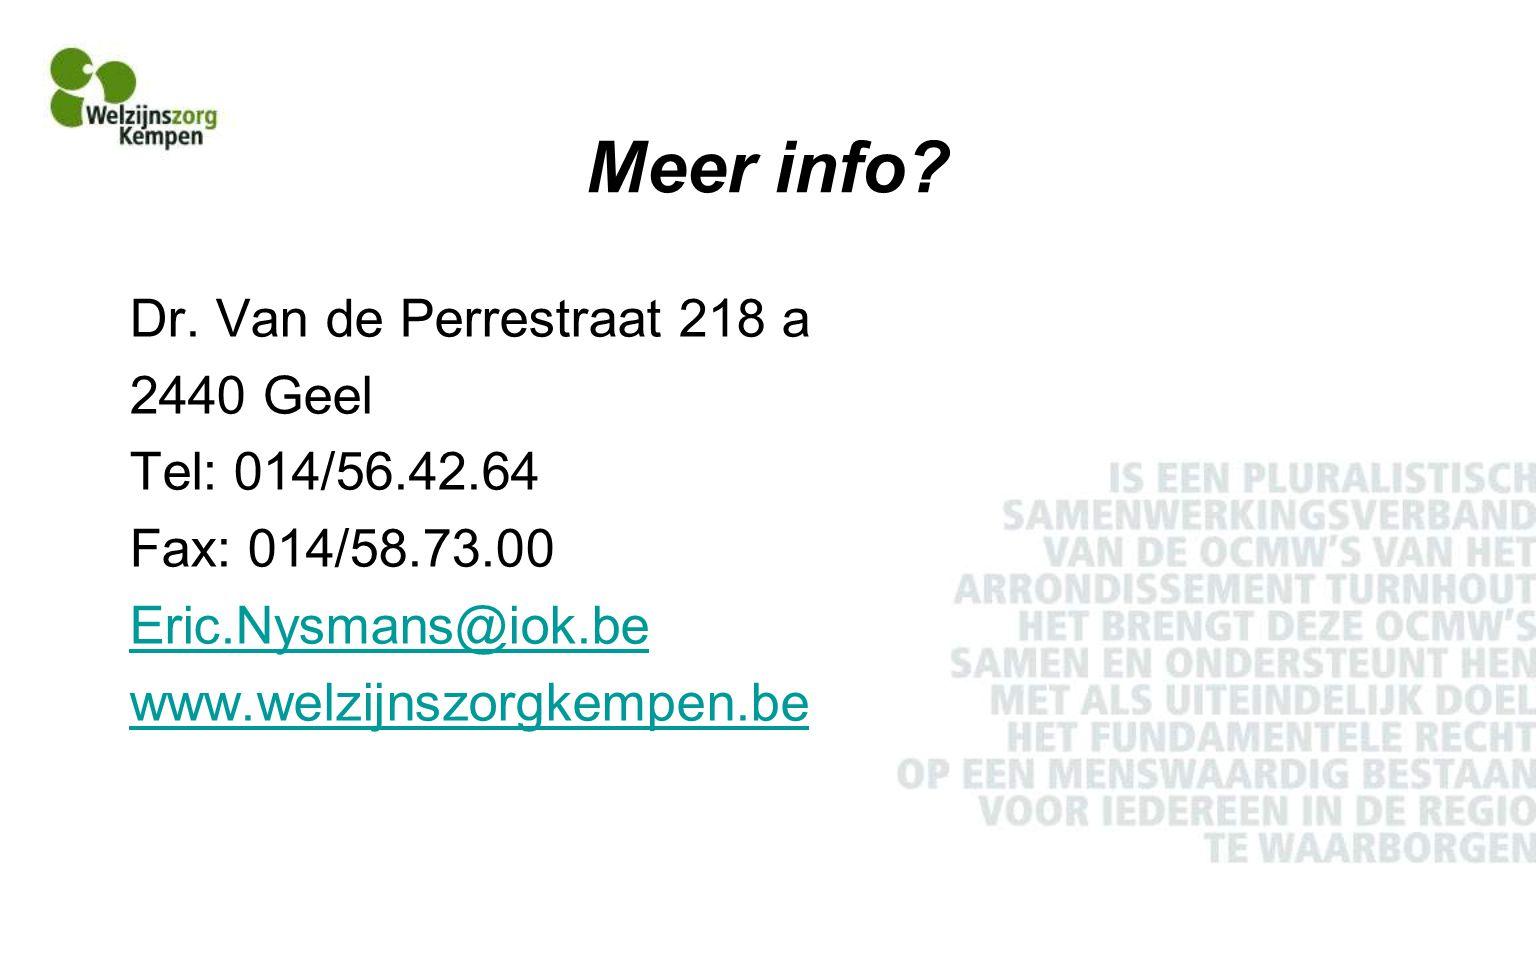 Meer info Dr. Van de Perrestraat 218 a 2440 Geel Tel: 014/56.42.64